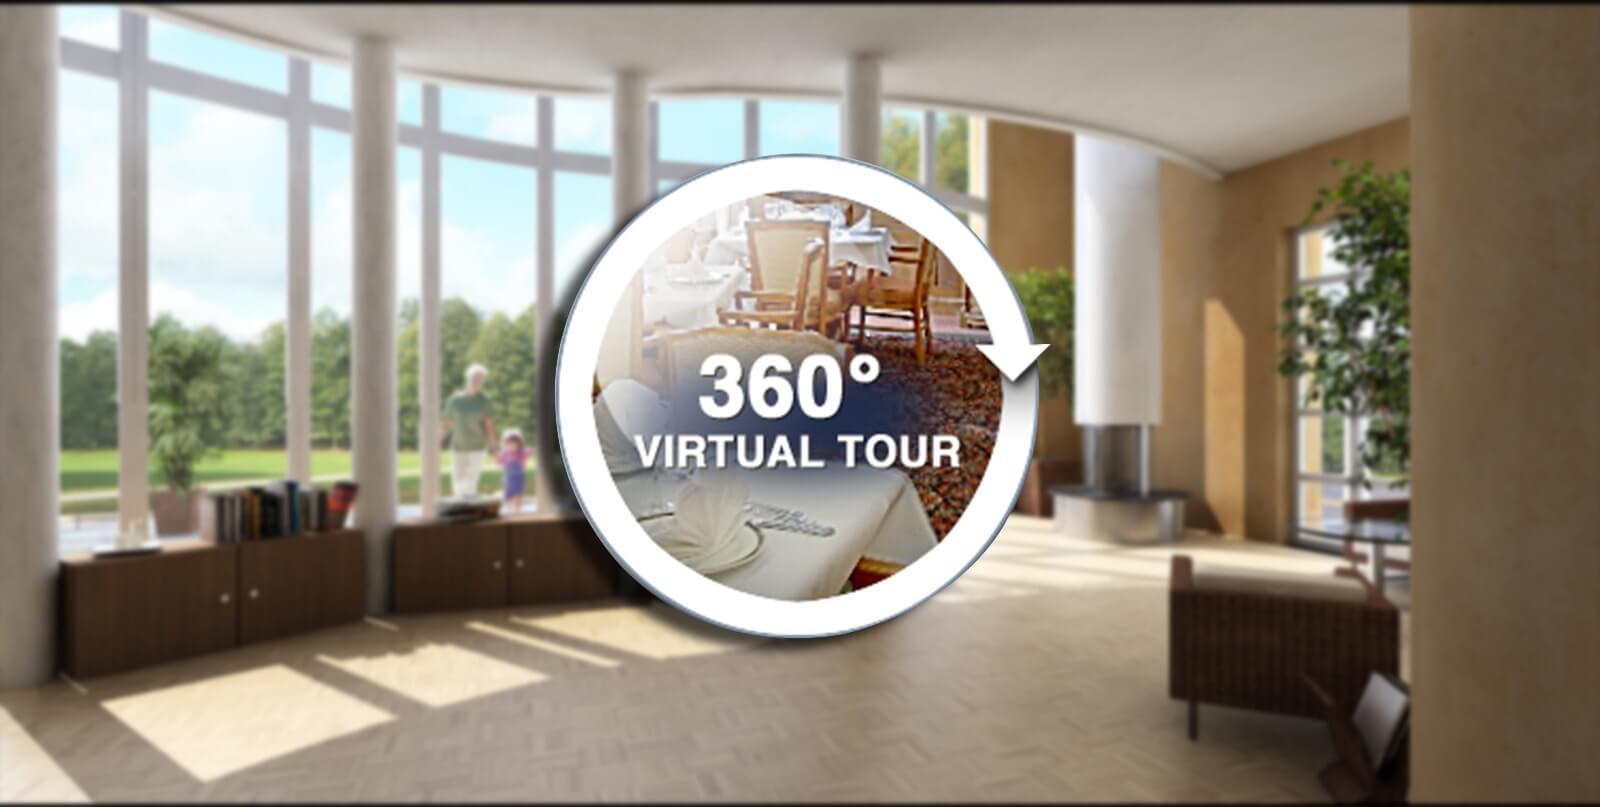 Hỗ trợ tạo 360 VR tour dễ dàng hơn